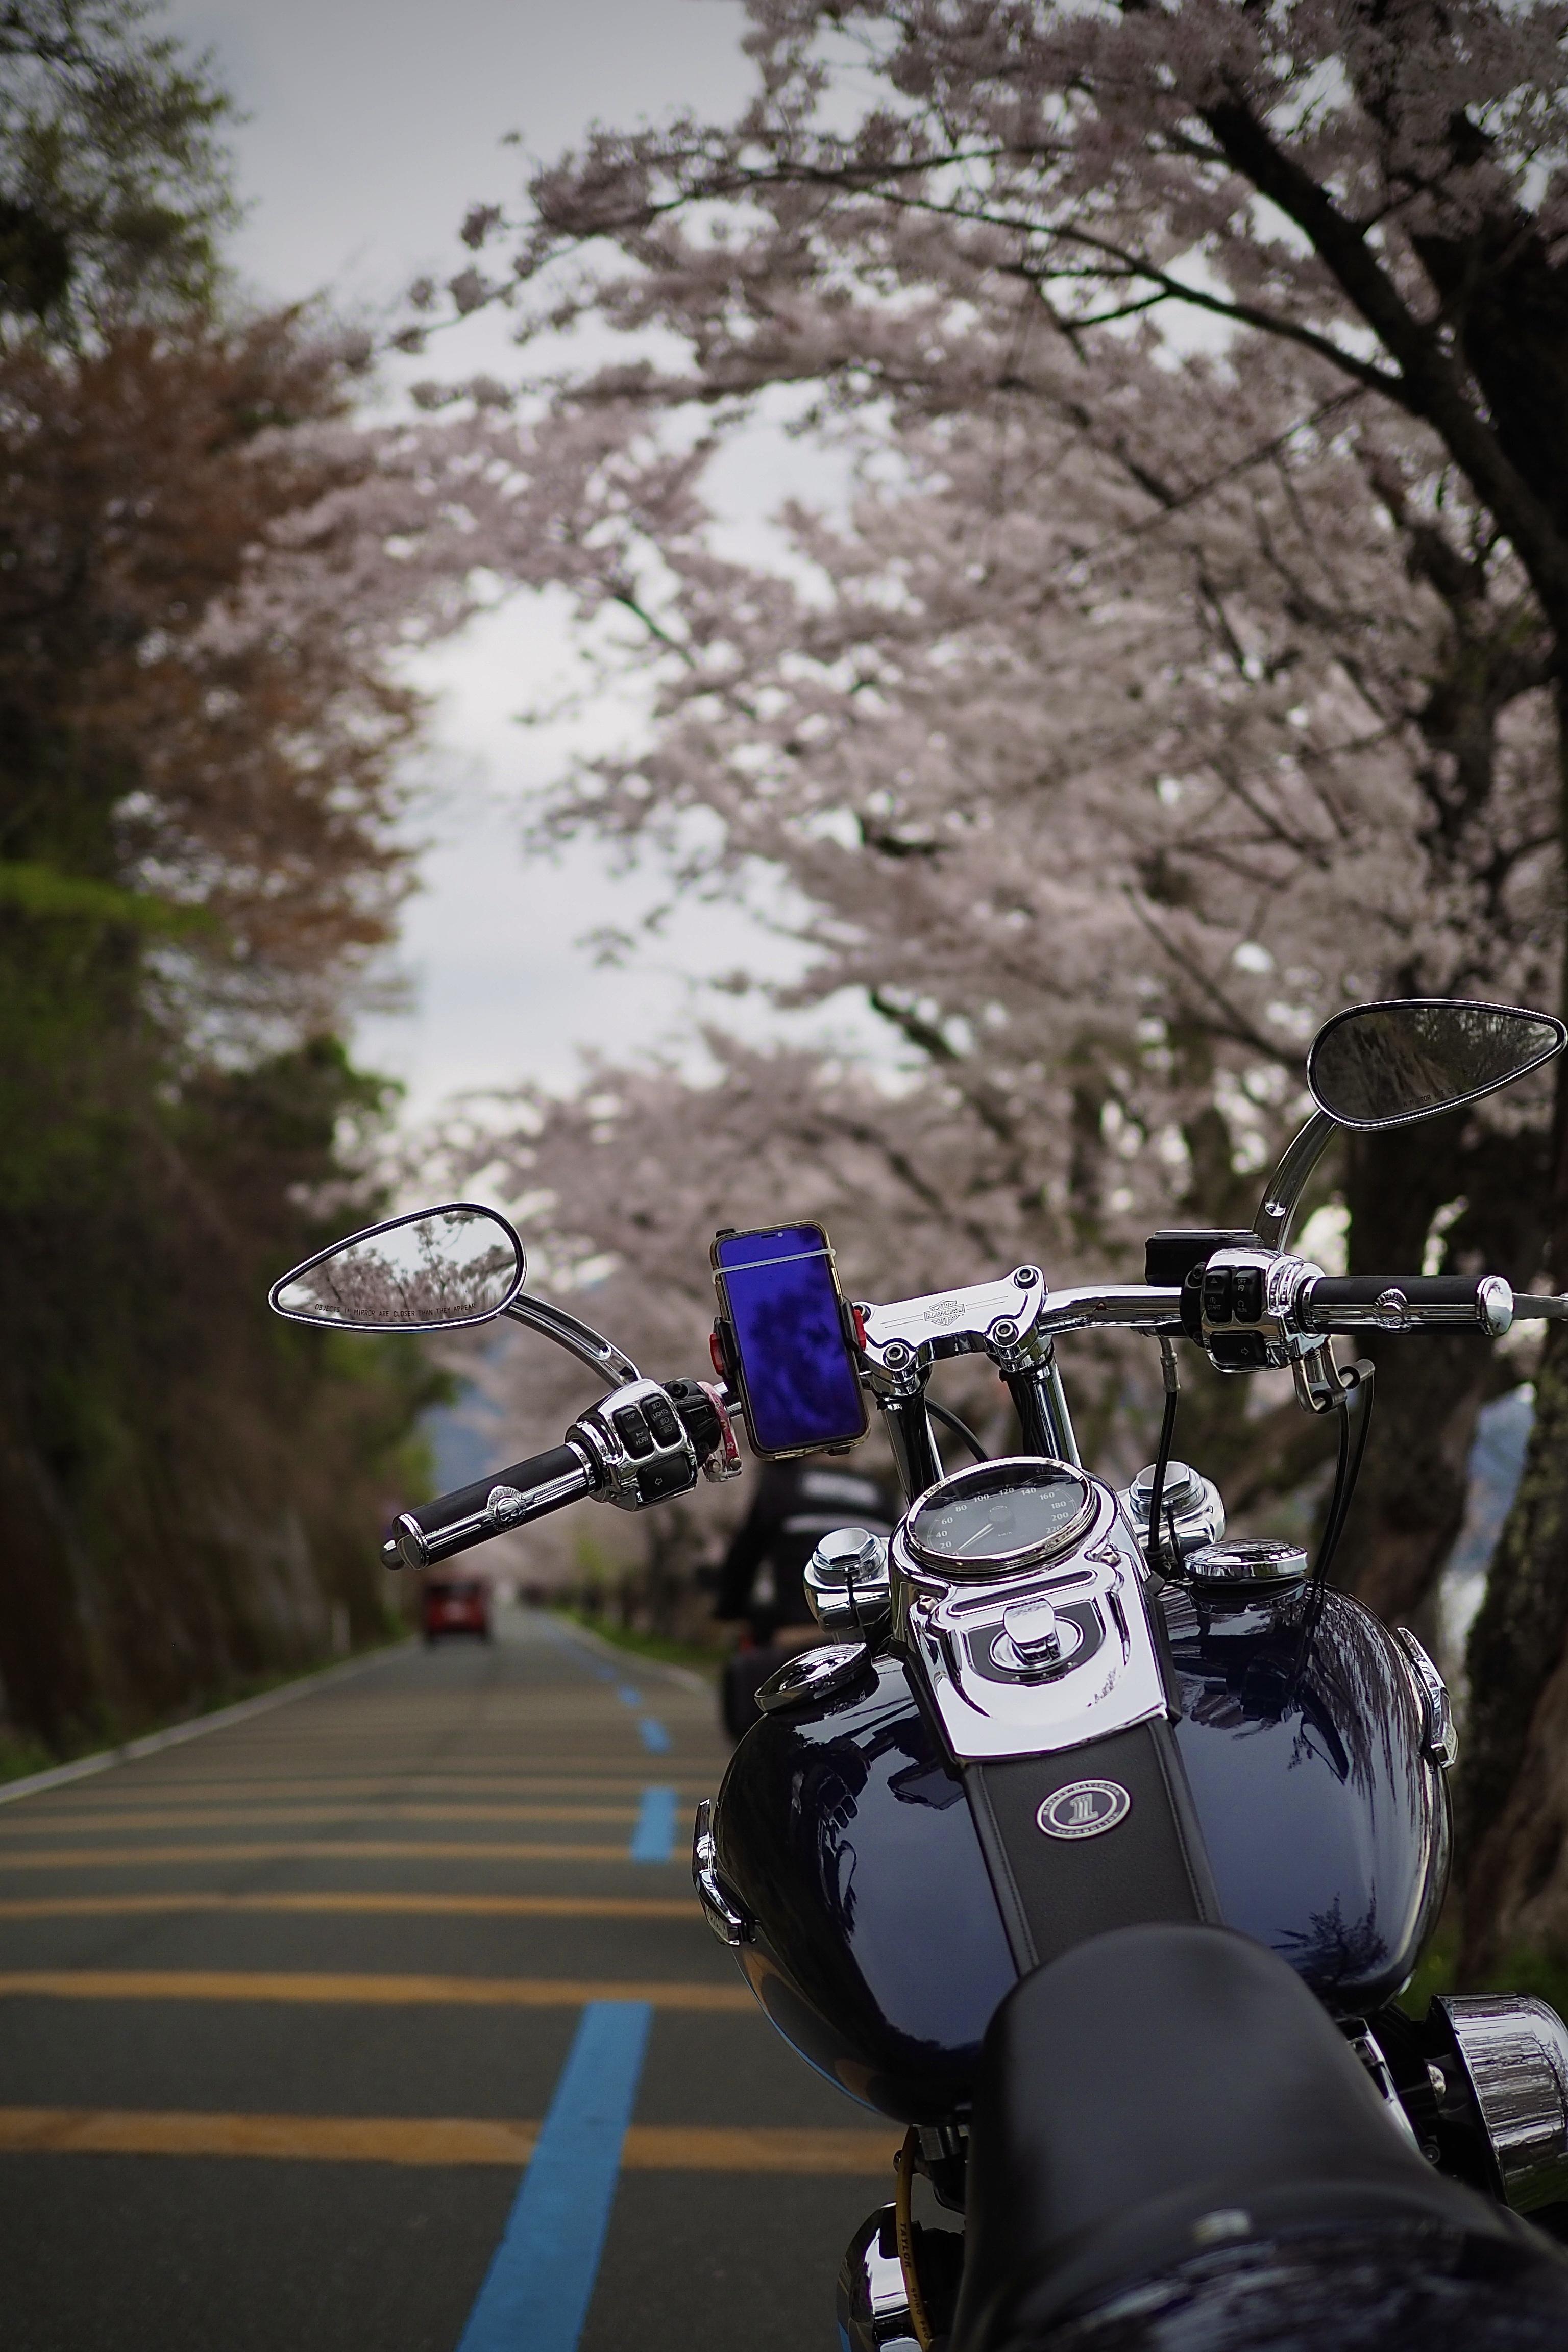 ぴーきち ハーレー 桜 海津大崎 桜並木 バイク ツーリング 春